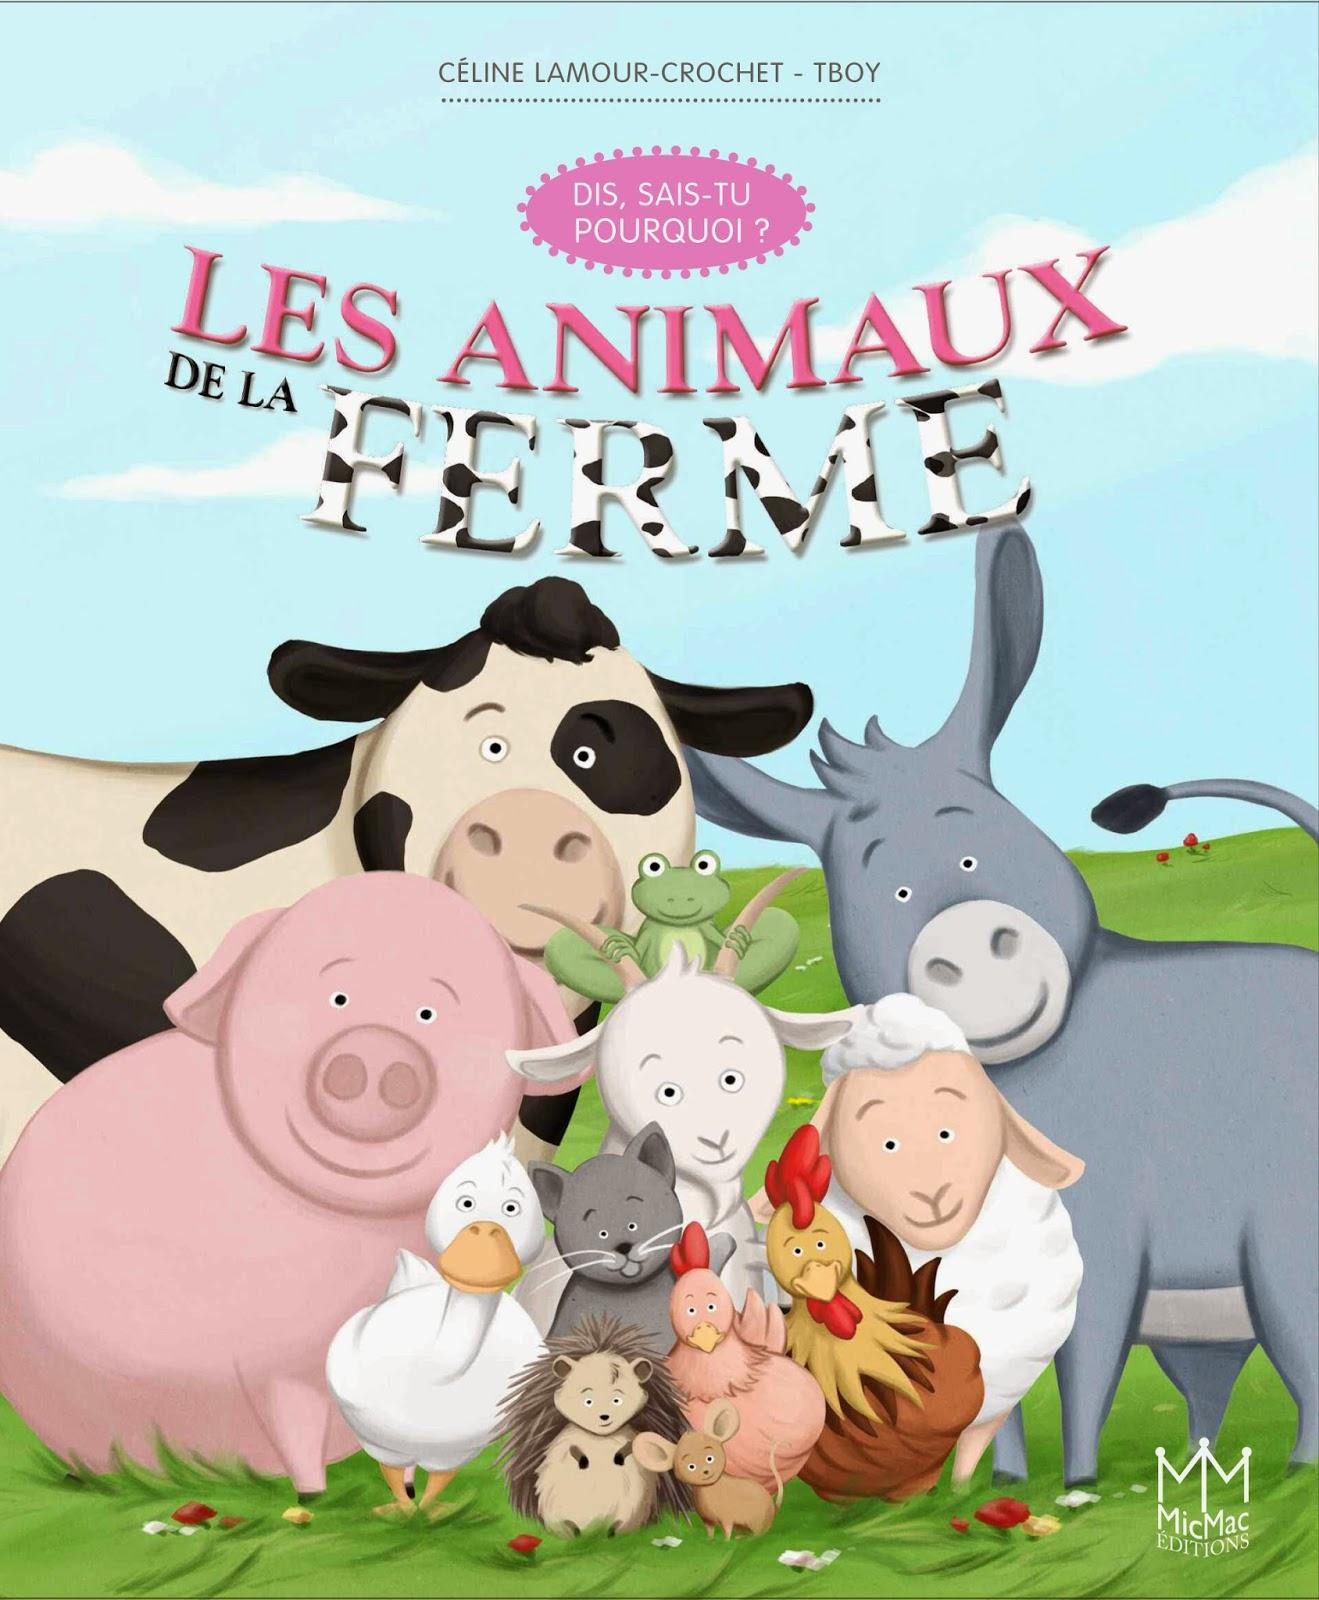 http://www.amazon.fr/animaux-ferme-Dis-sais-tu-pourquoi/dp/2362212645/ref=sr_1_3?s=books&ie=UTF8&qid=1397717223&sr=1-3&keywords=c%C3%A9line+lamour-crochet